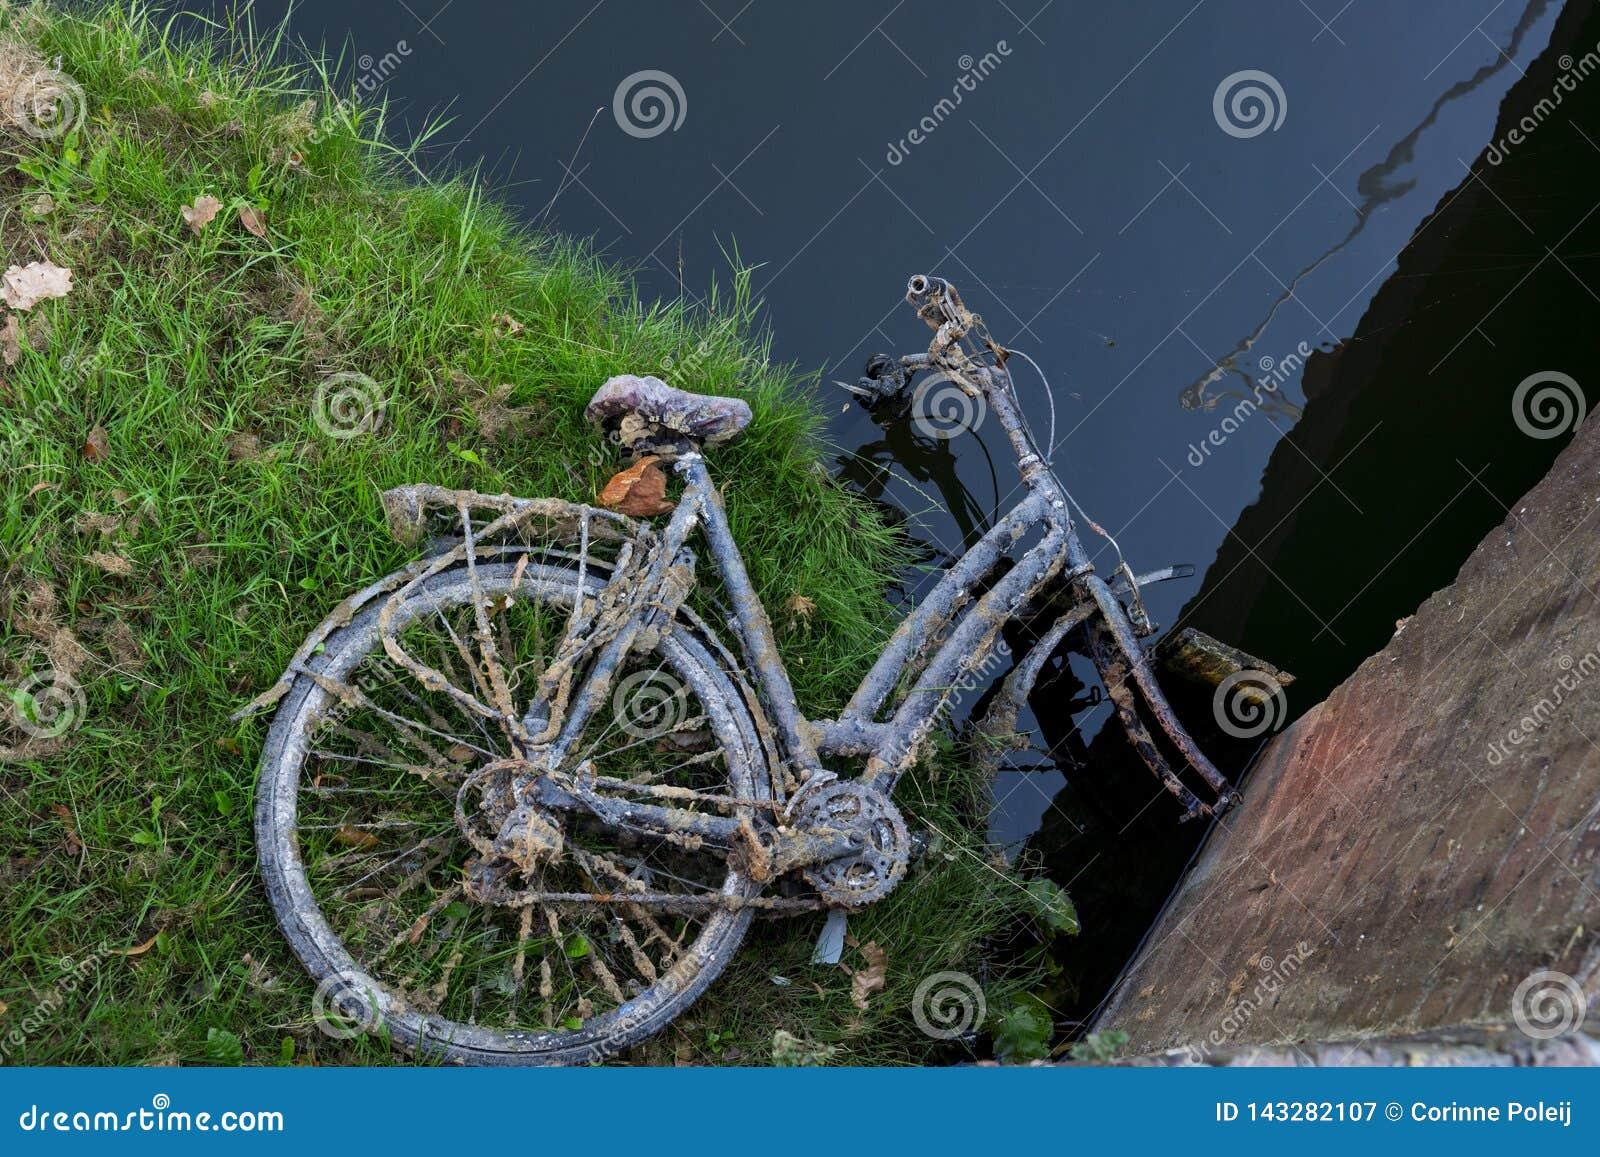 Het roestige oude fiets liggen verlaten op gebied, langs water